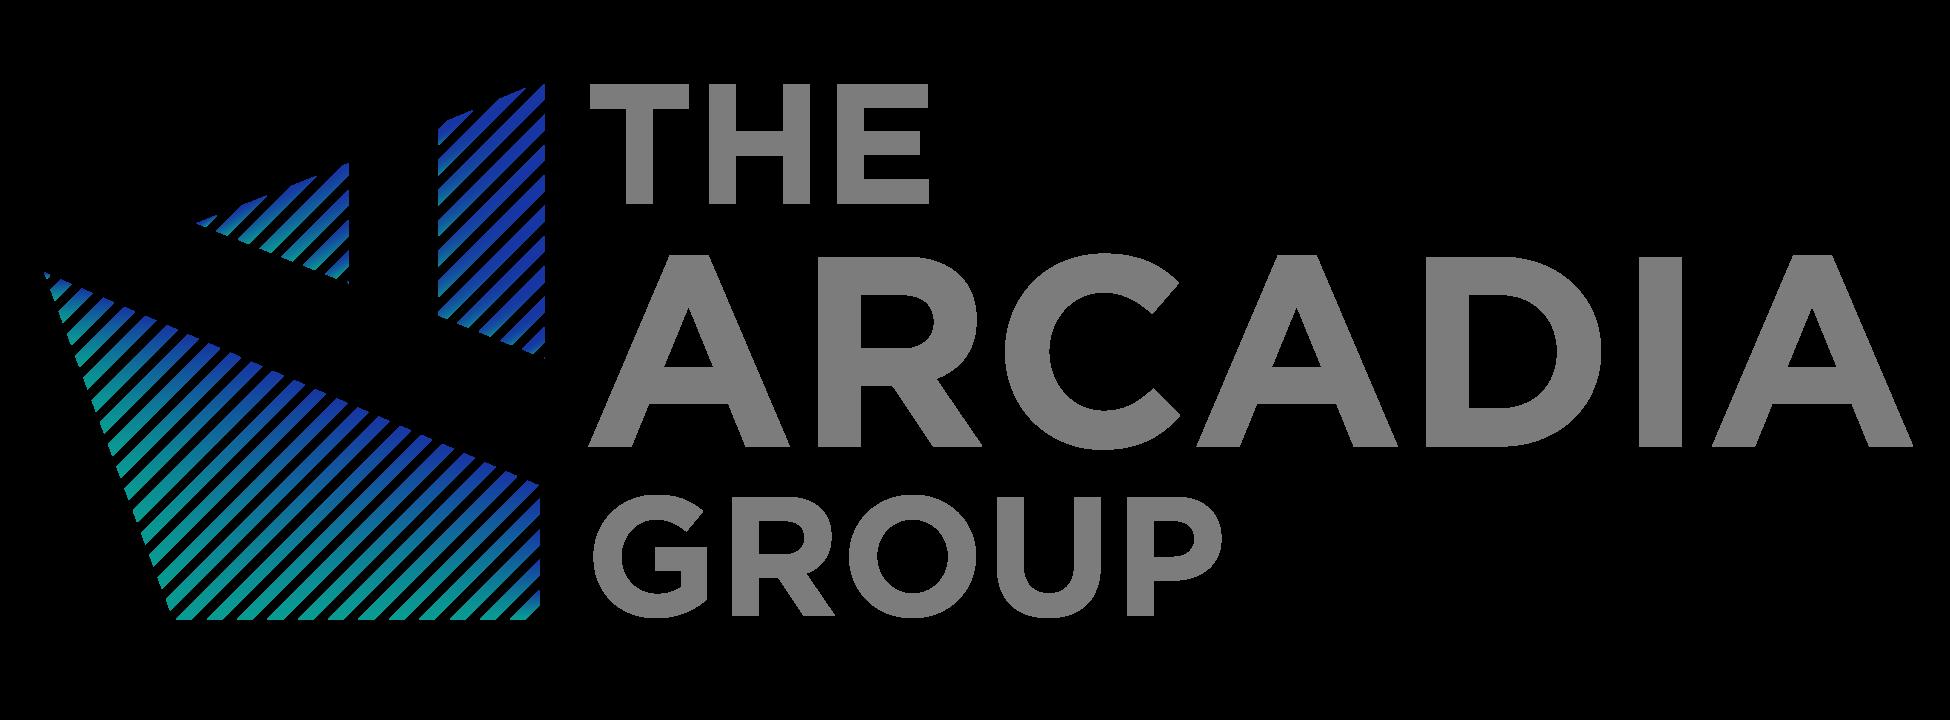 The Arcadia Group blockchain jobs